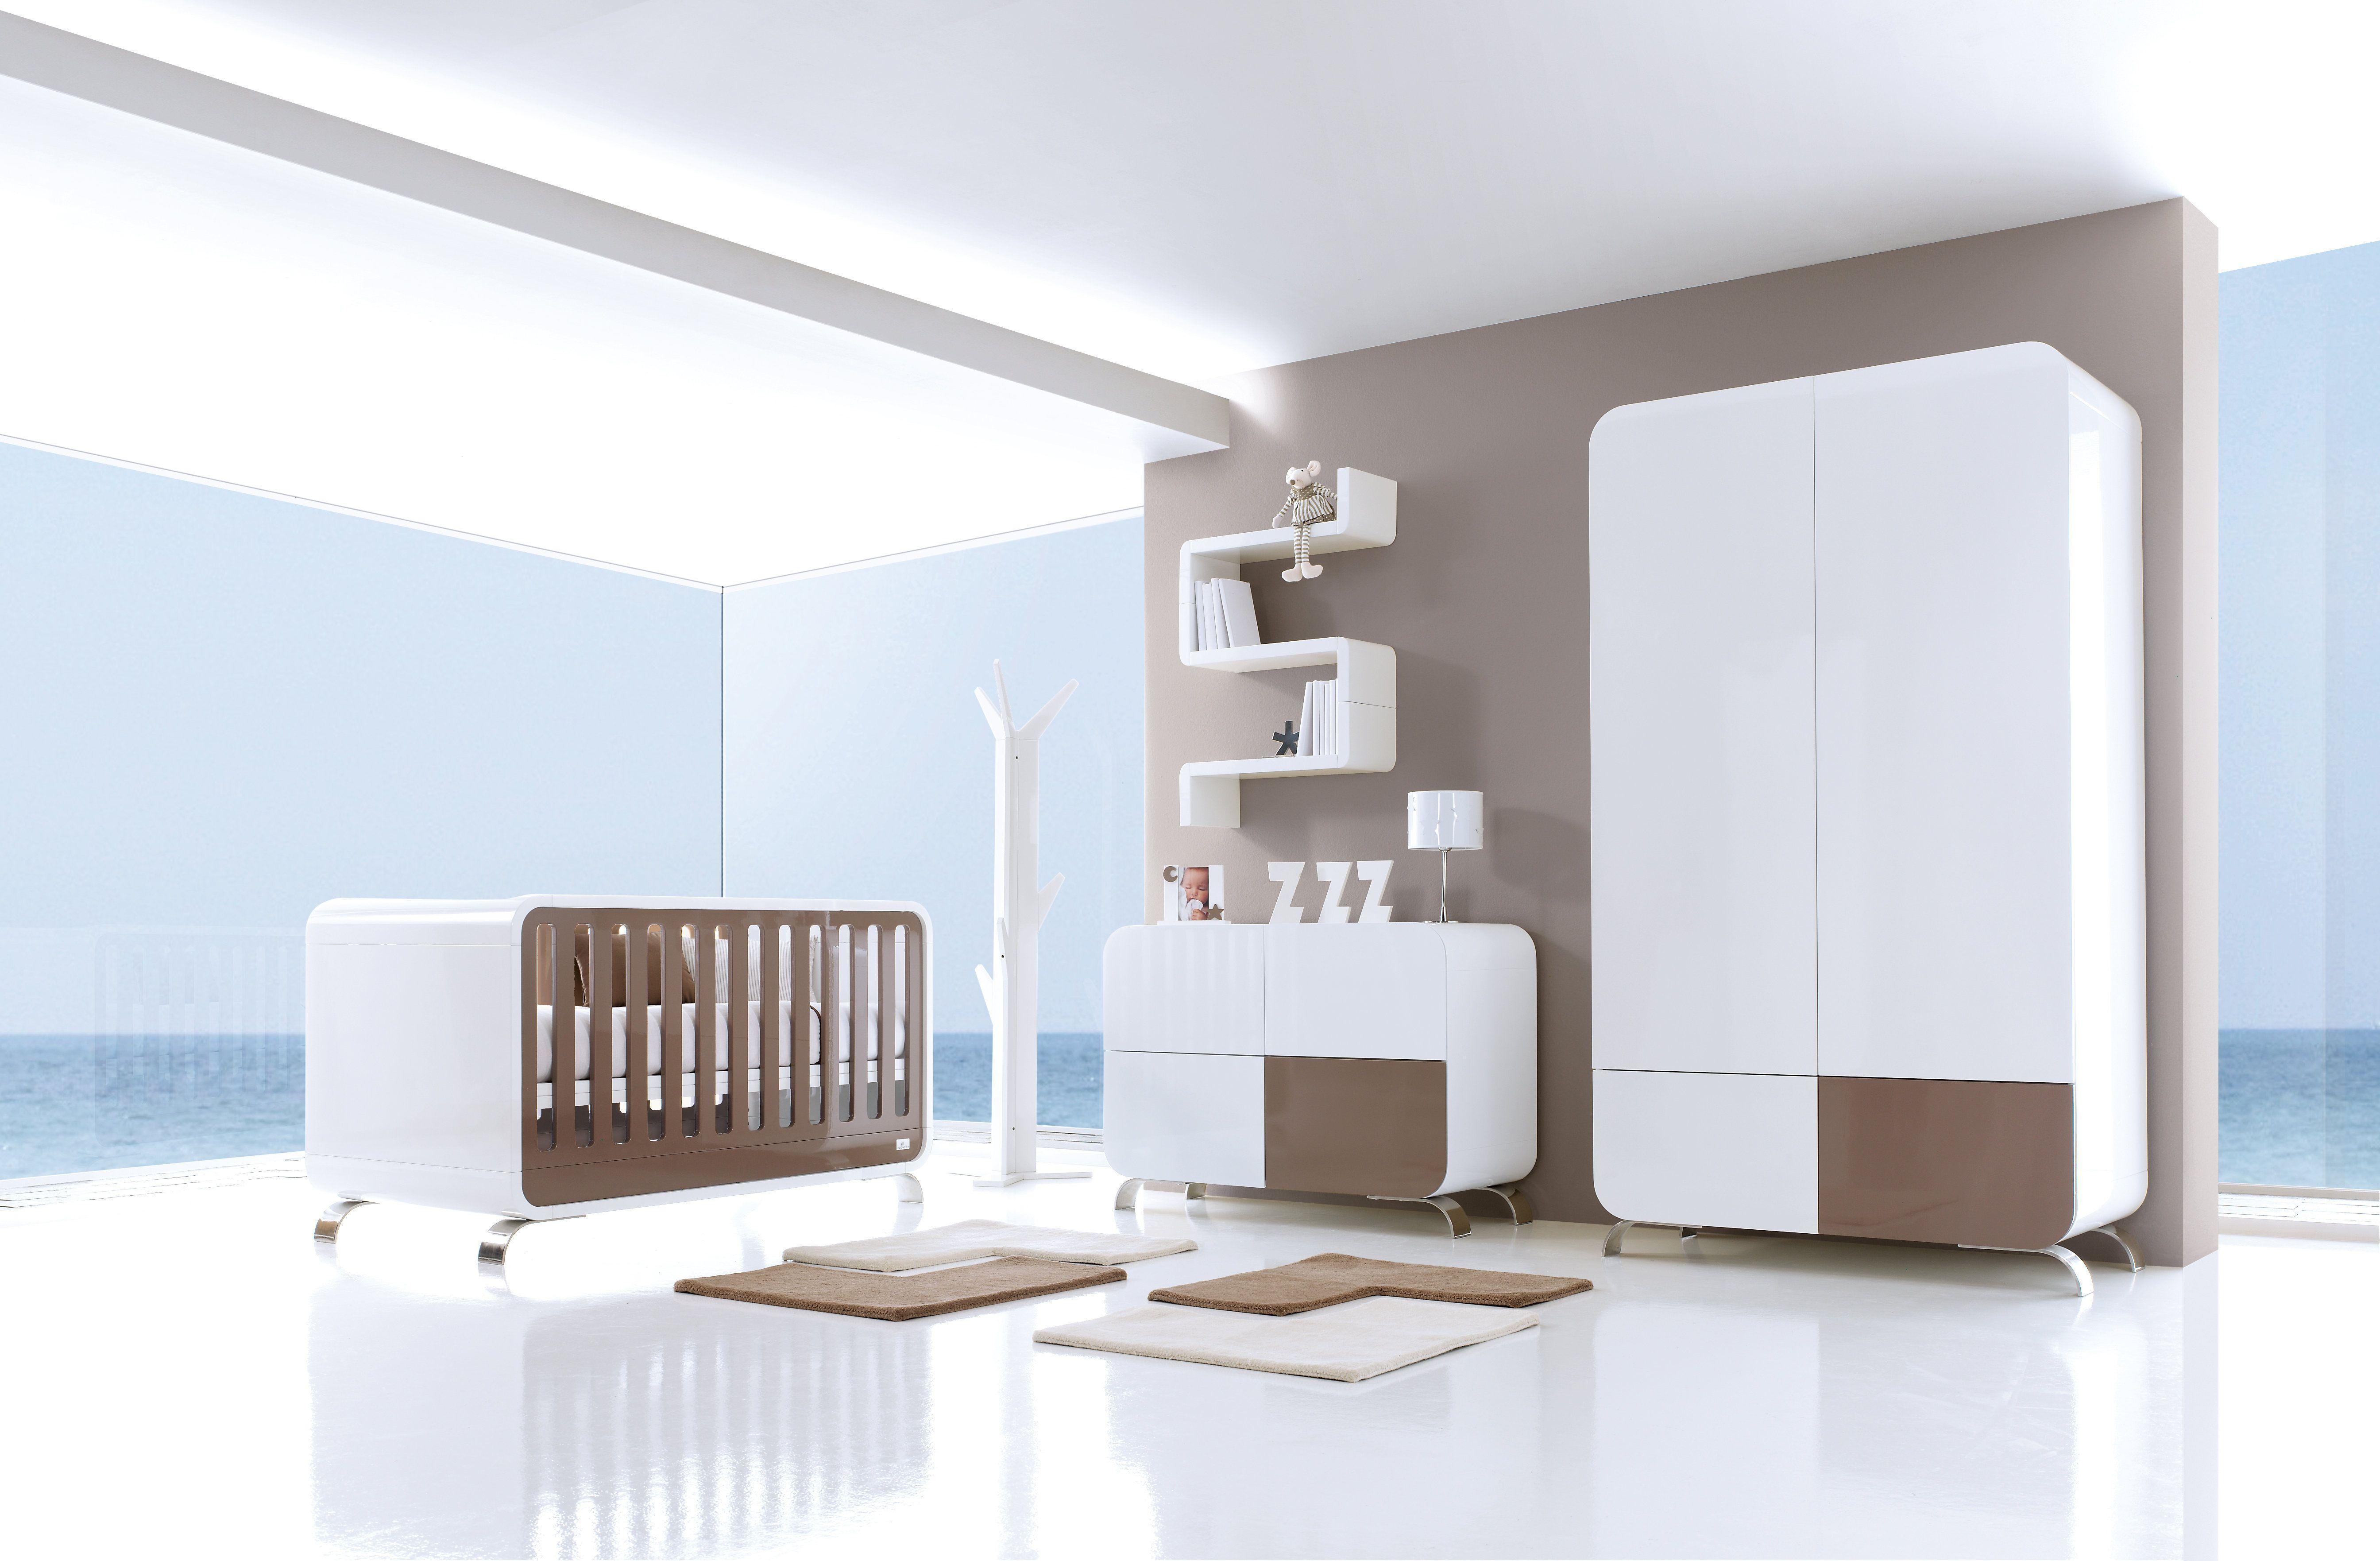 Habitaciones infantiles para beb s modernas y de dise o d jate sorprender por la colecci n - Diseno de habitaciones infantiles ...